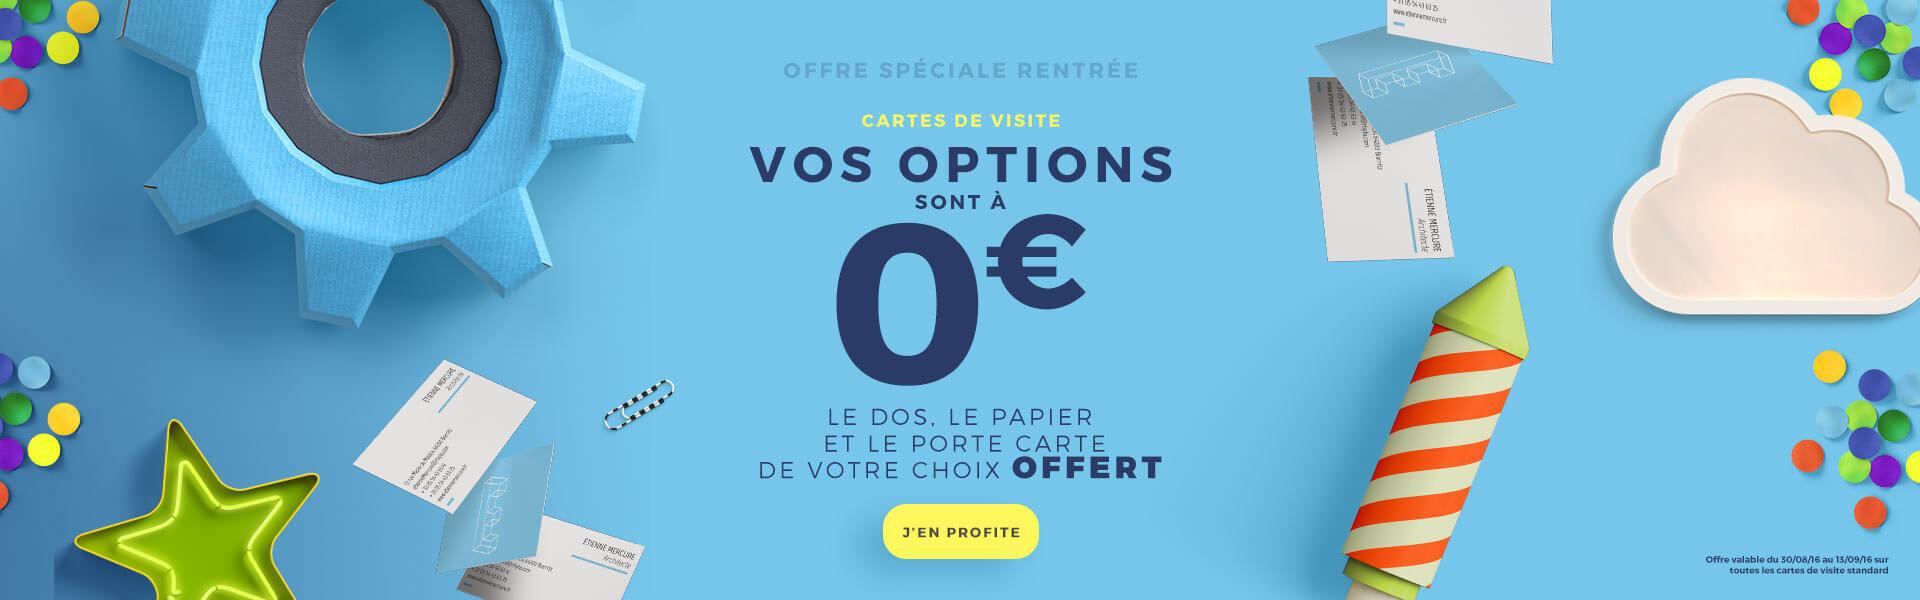 Toutes les options à zéro euros sur vos cartes de visite